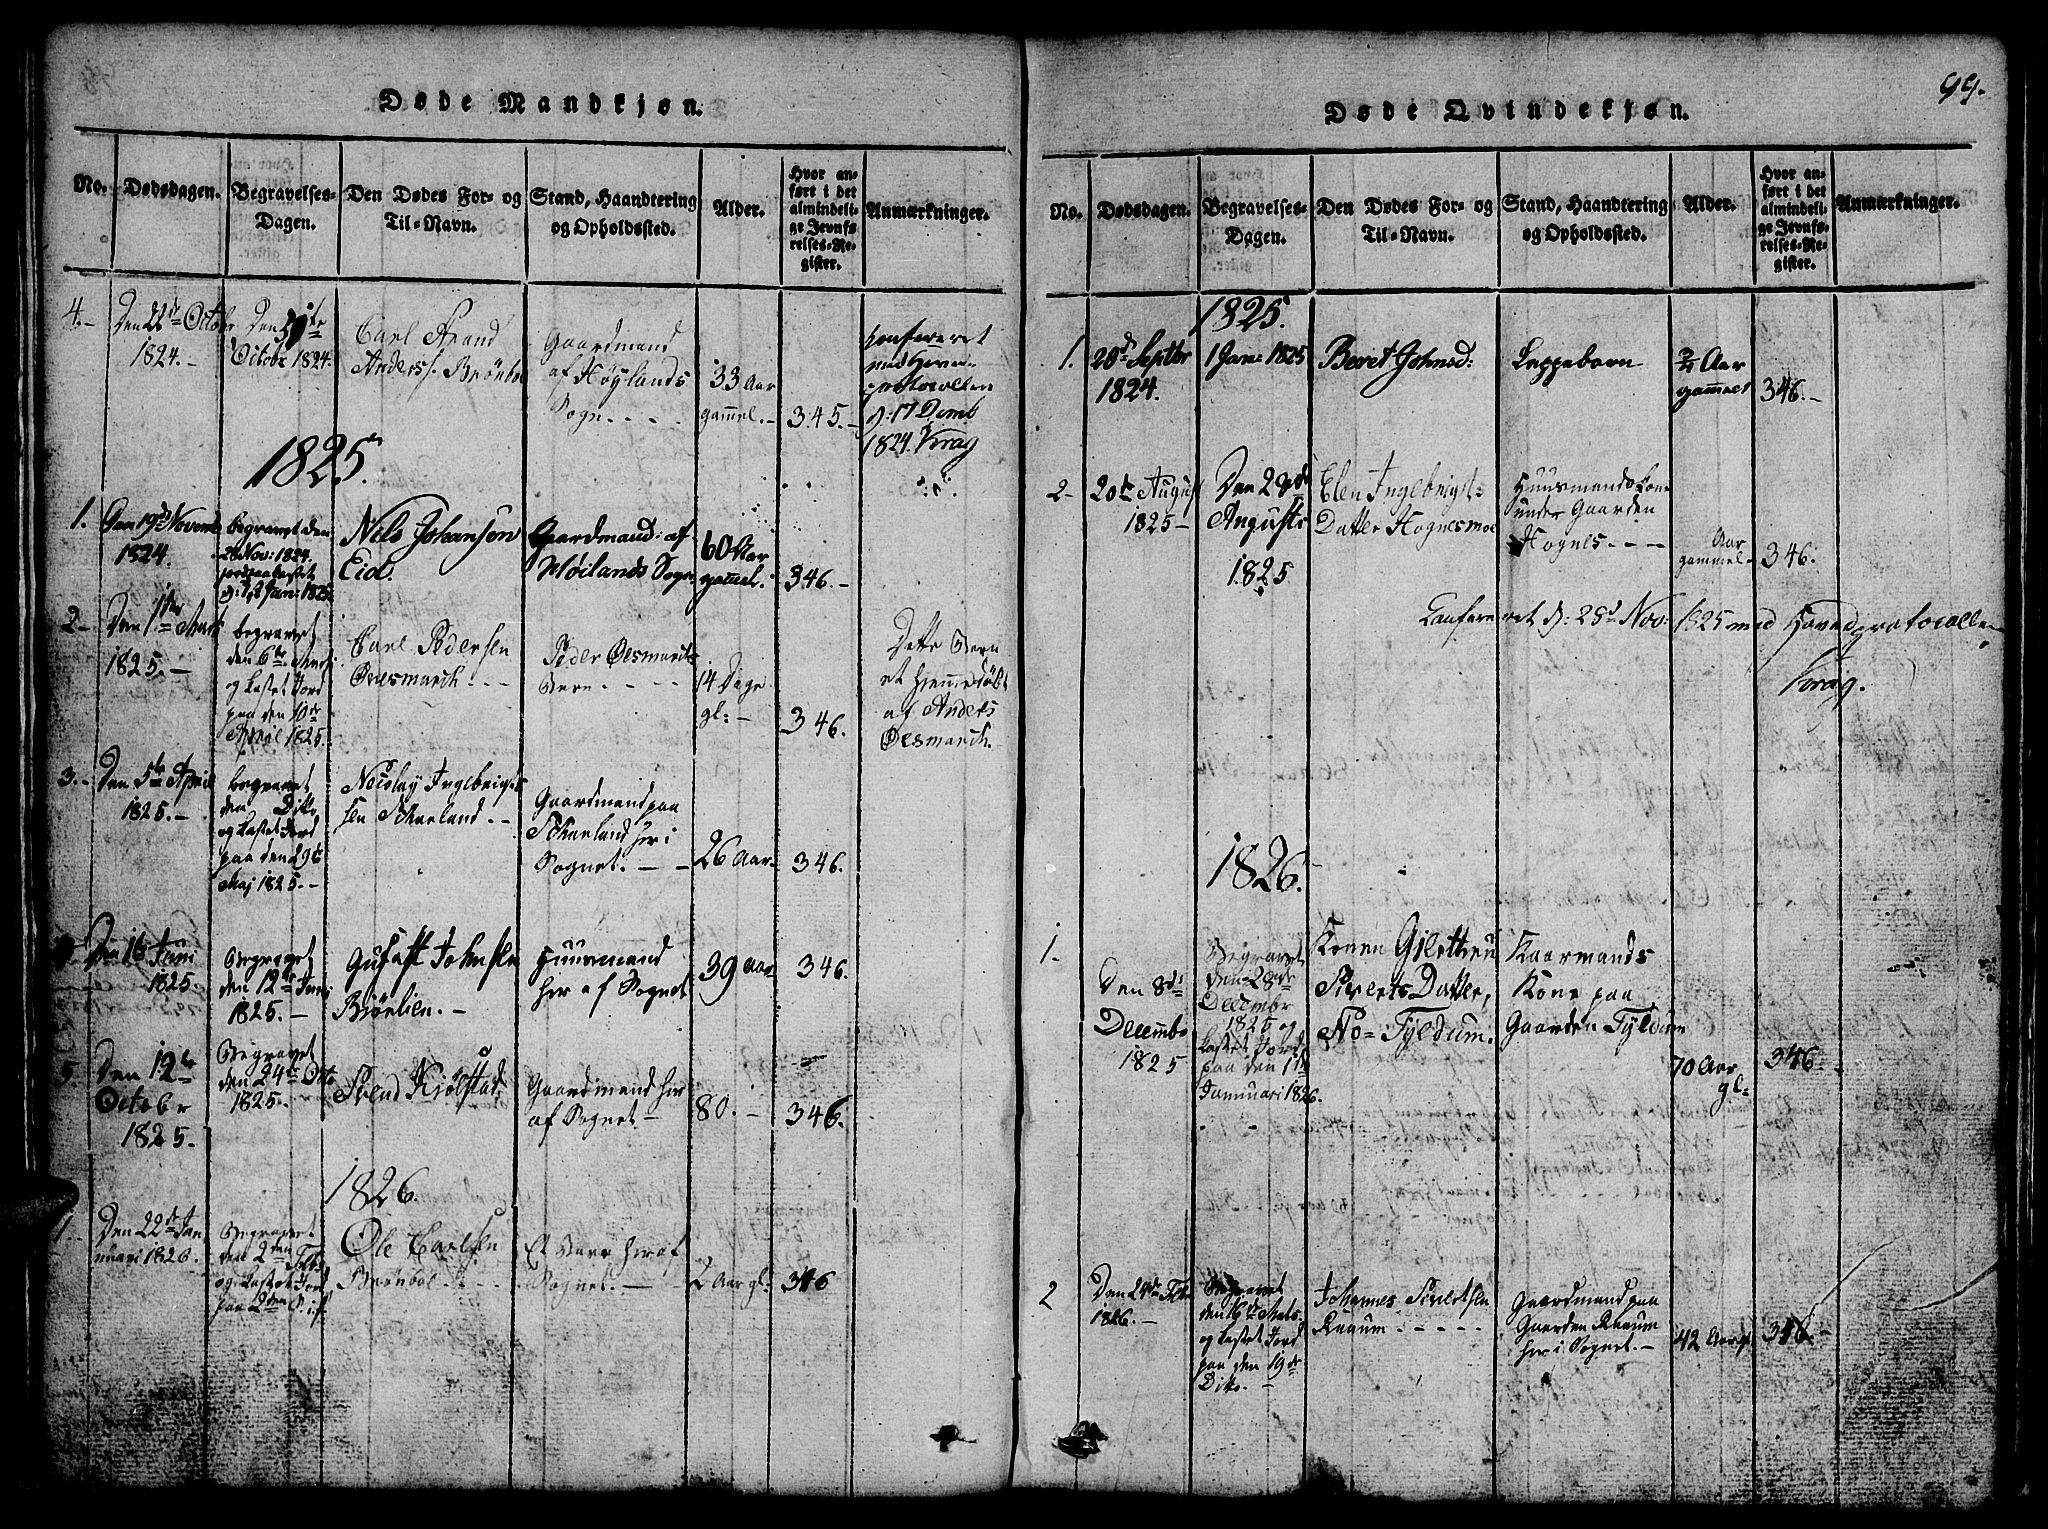 SAT, Ministerialprotokoller, klokkerbøker og fødselsregistre - Nord-Trøndelag, 765/L0562: Klokkerbok nr. 765C01, 1817-1851, s. 99